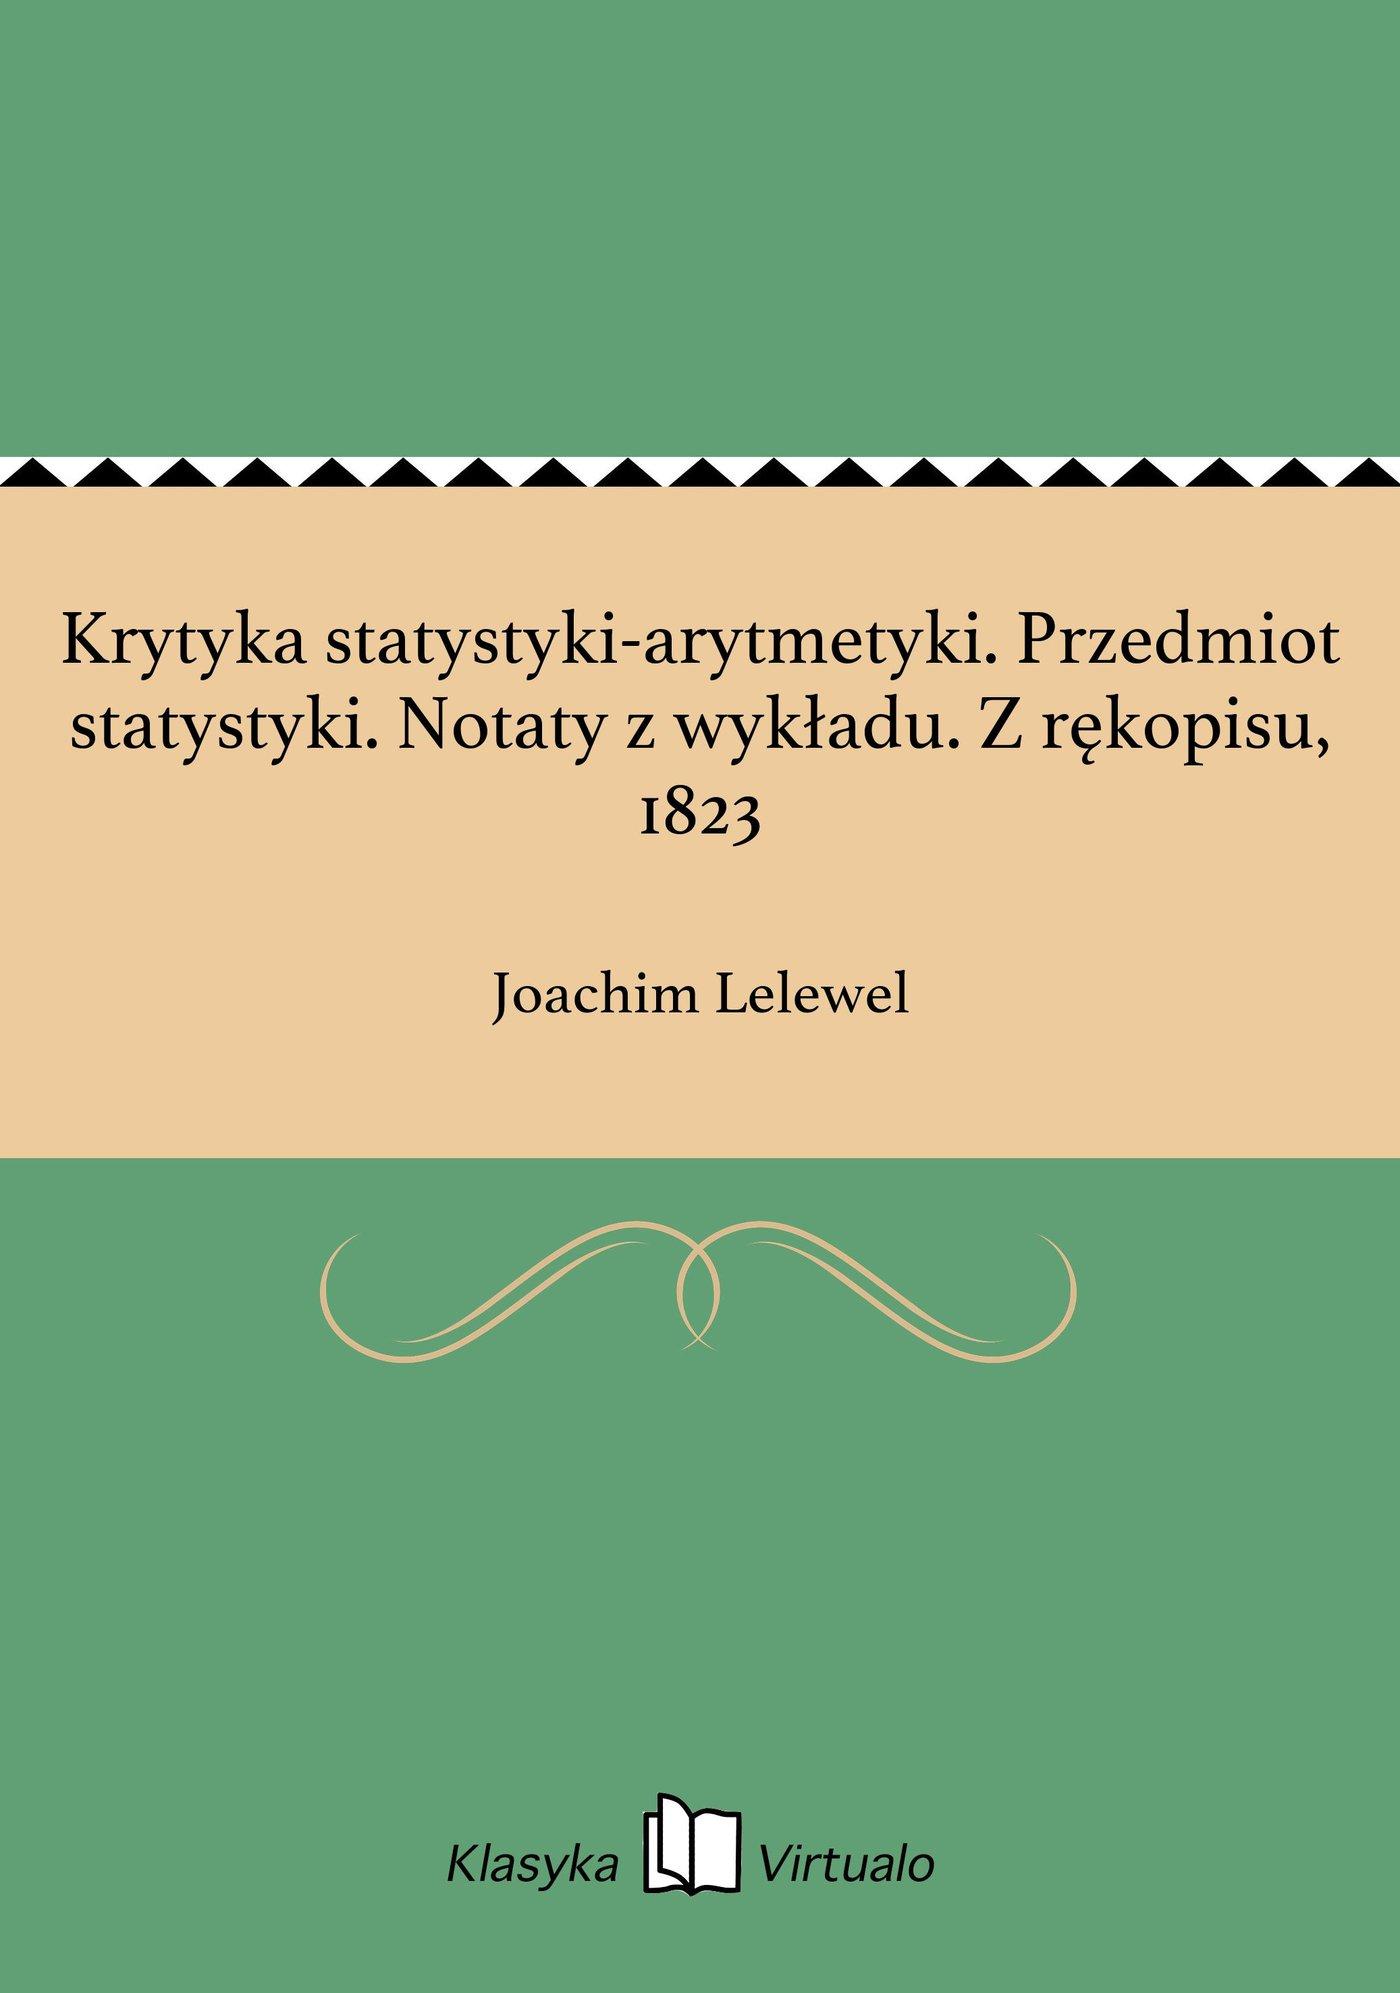 Krytyka statystyki-arytmetyki. Przedmiot statystyki. Notaty z wykładu. Z rękopisu, 1823 - Ebook (Książka EPUB) do pobrania w formacie EPUB